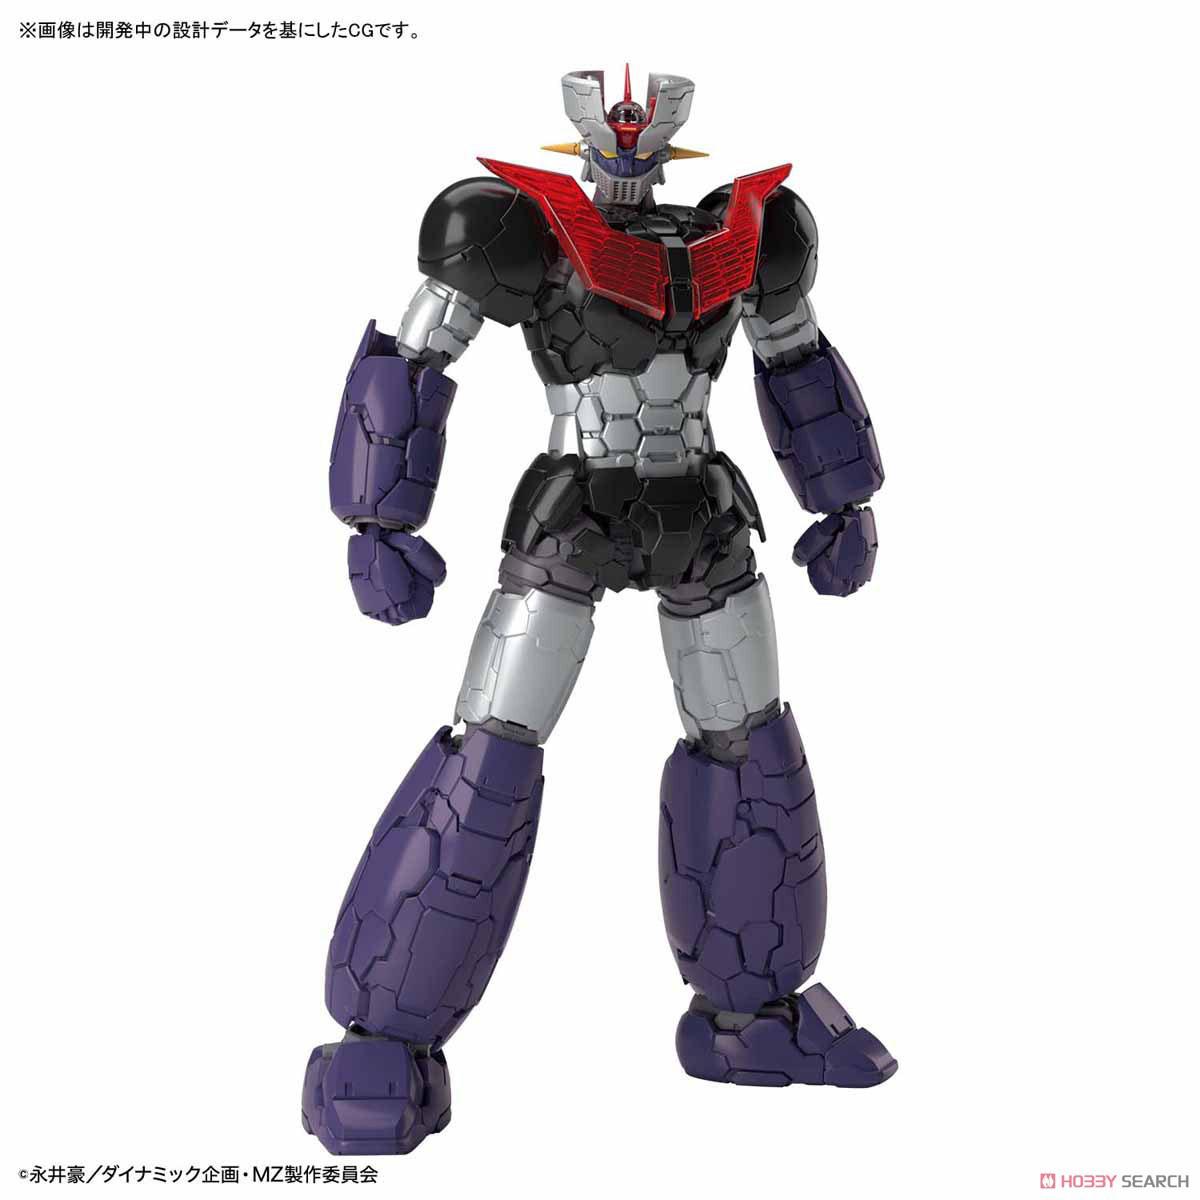 【再販】HG 1/144『マジンガーZ(マジンガーZ INFINITY Ver.)』プラモデル-003